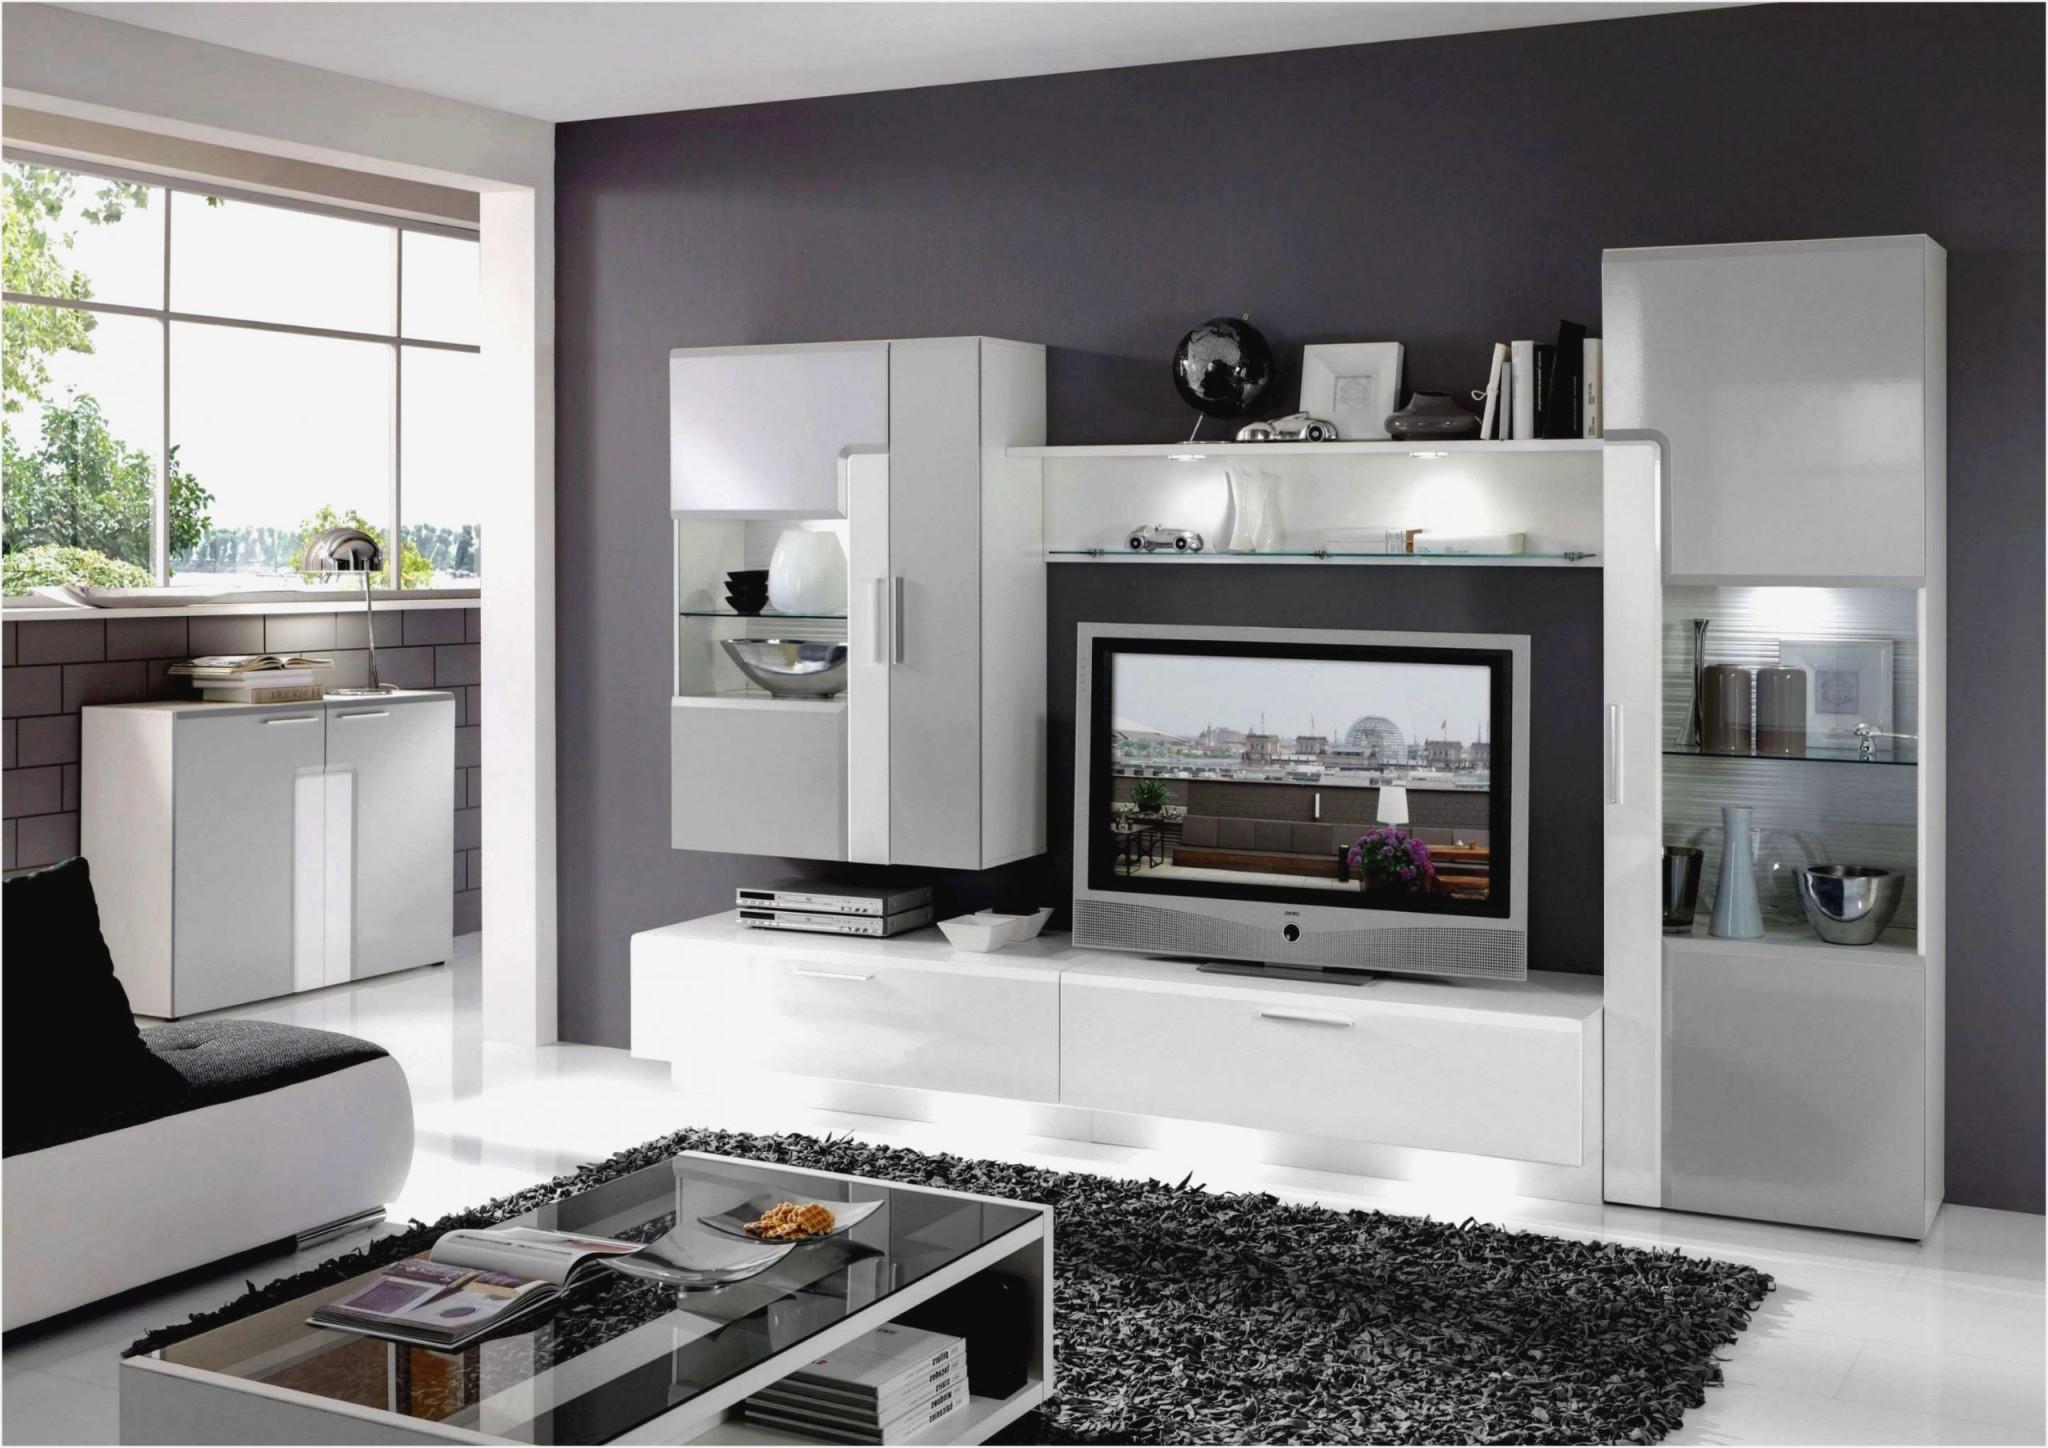 Wohnzimmer Wand Mit Farbe Und Bilder Gestalten  Wohnzimmer von Wohnzimmer Farblich Gestalten Photo